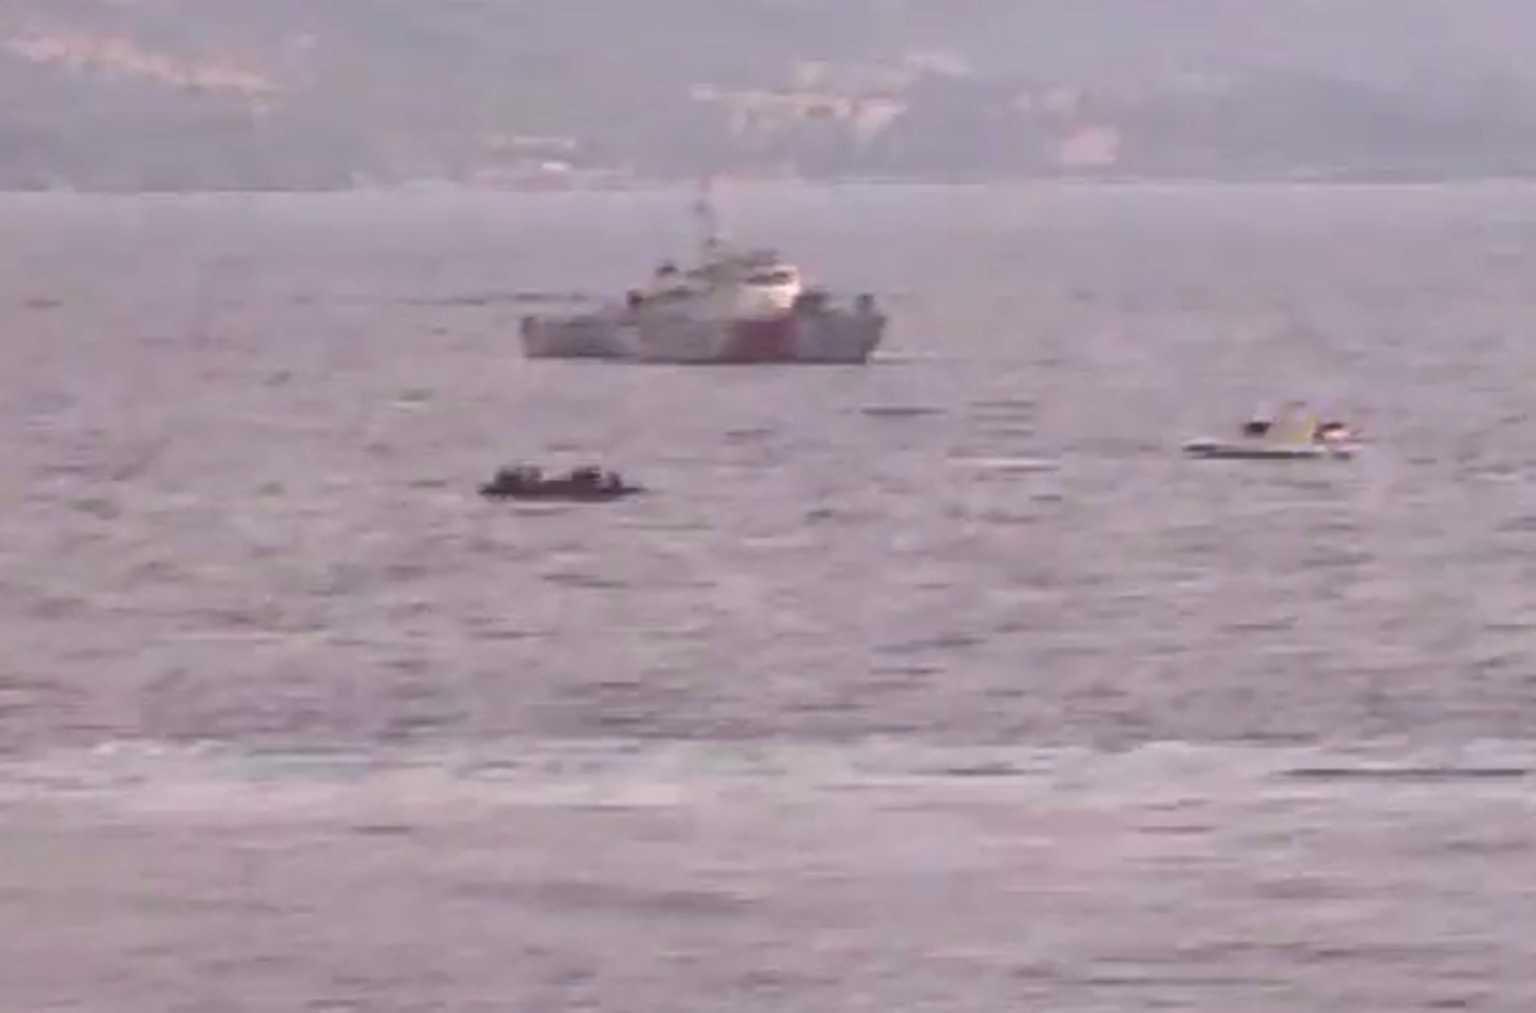 Νέα πρόκληση! Τουρκικές ακταιωροί «σπρώχνουν» βάρκα με μετανάστες προς την Λέσβο! (ΒΙΝΤΕΟ ΝΤΟΚΟΥΜΕΝΤΟ)